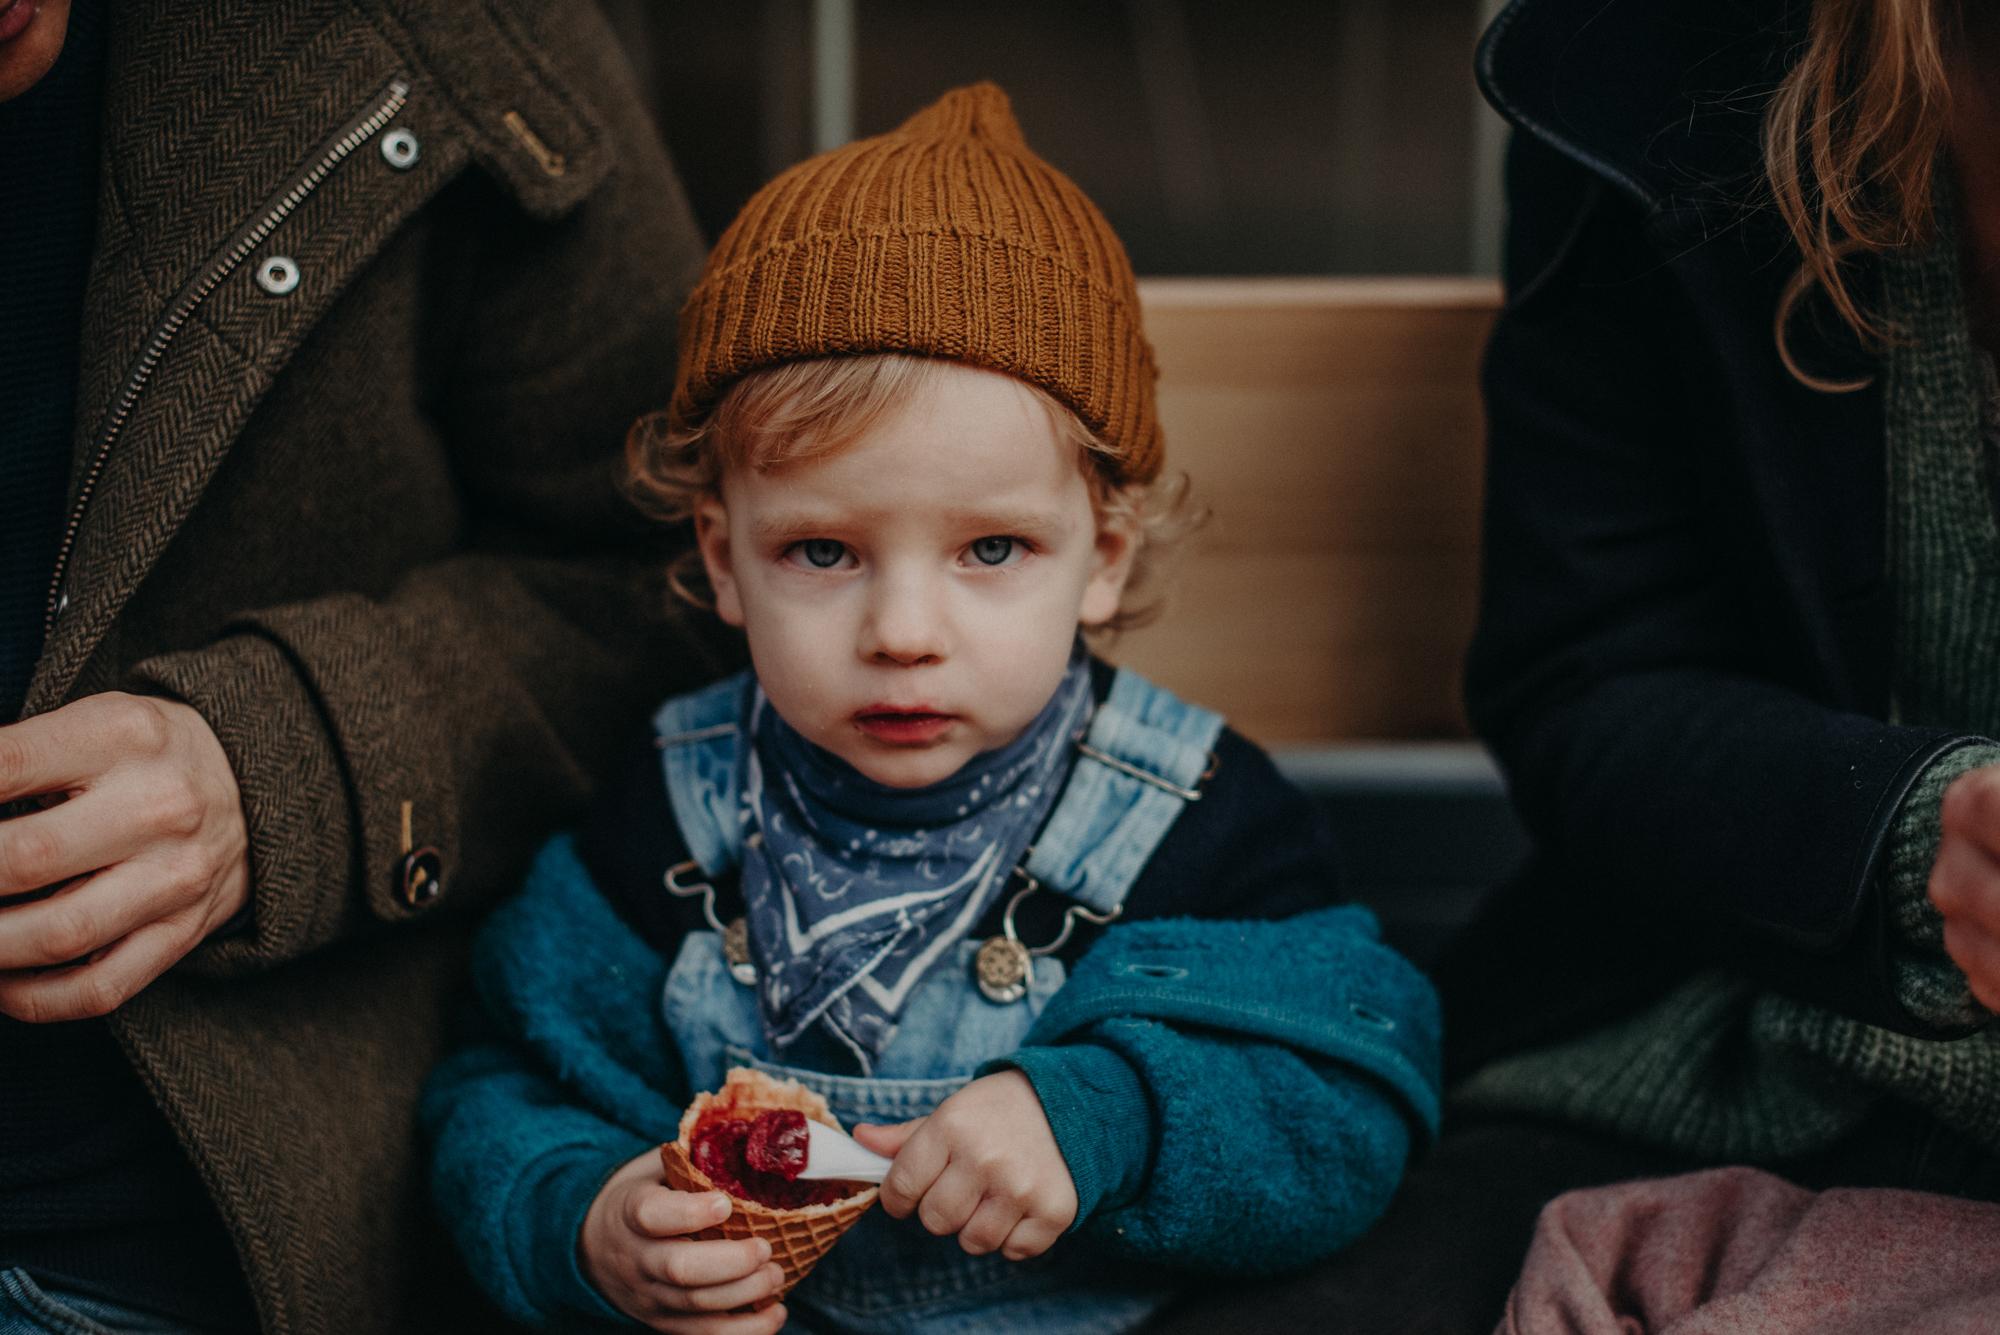 Kreative Ideen für natürliche Kinderfotos, Fotograf Freiburg Marcia Friese Fotografie